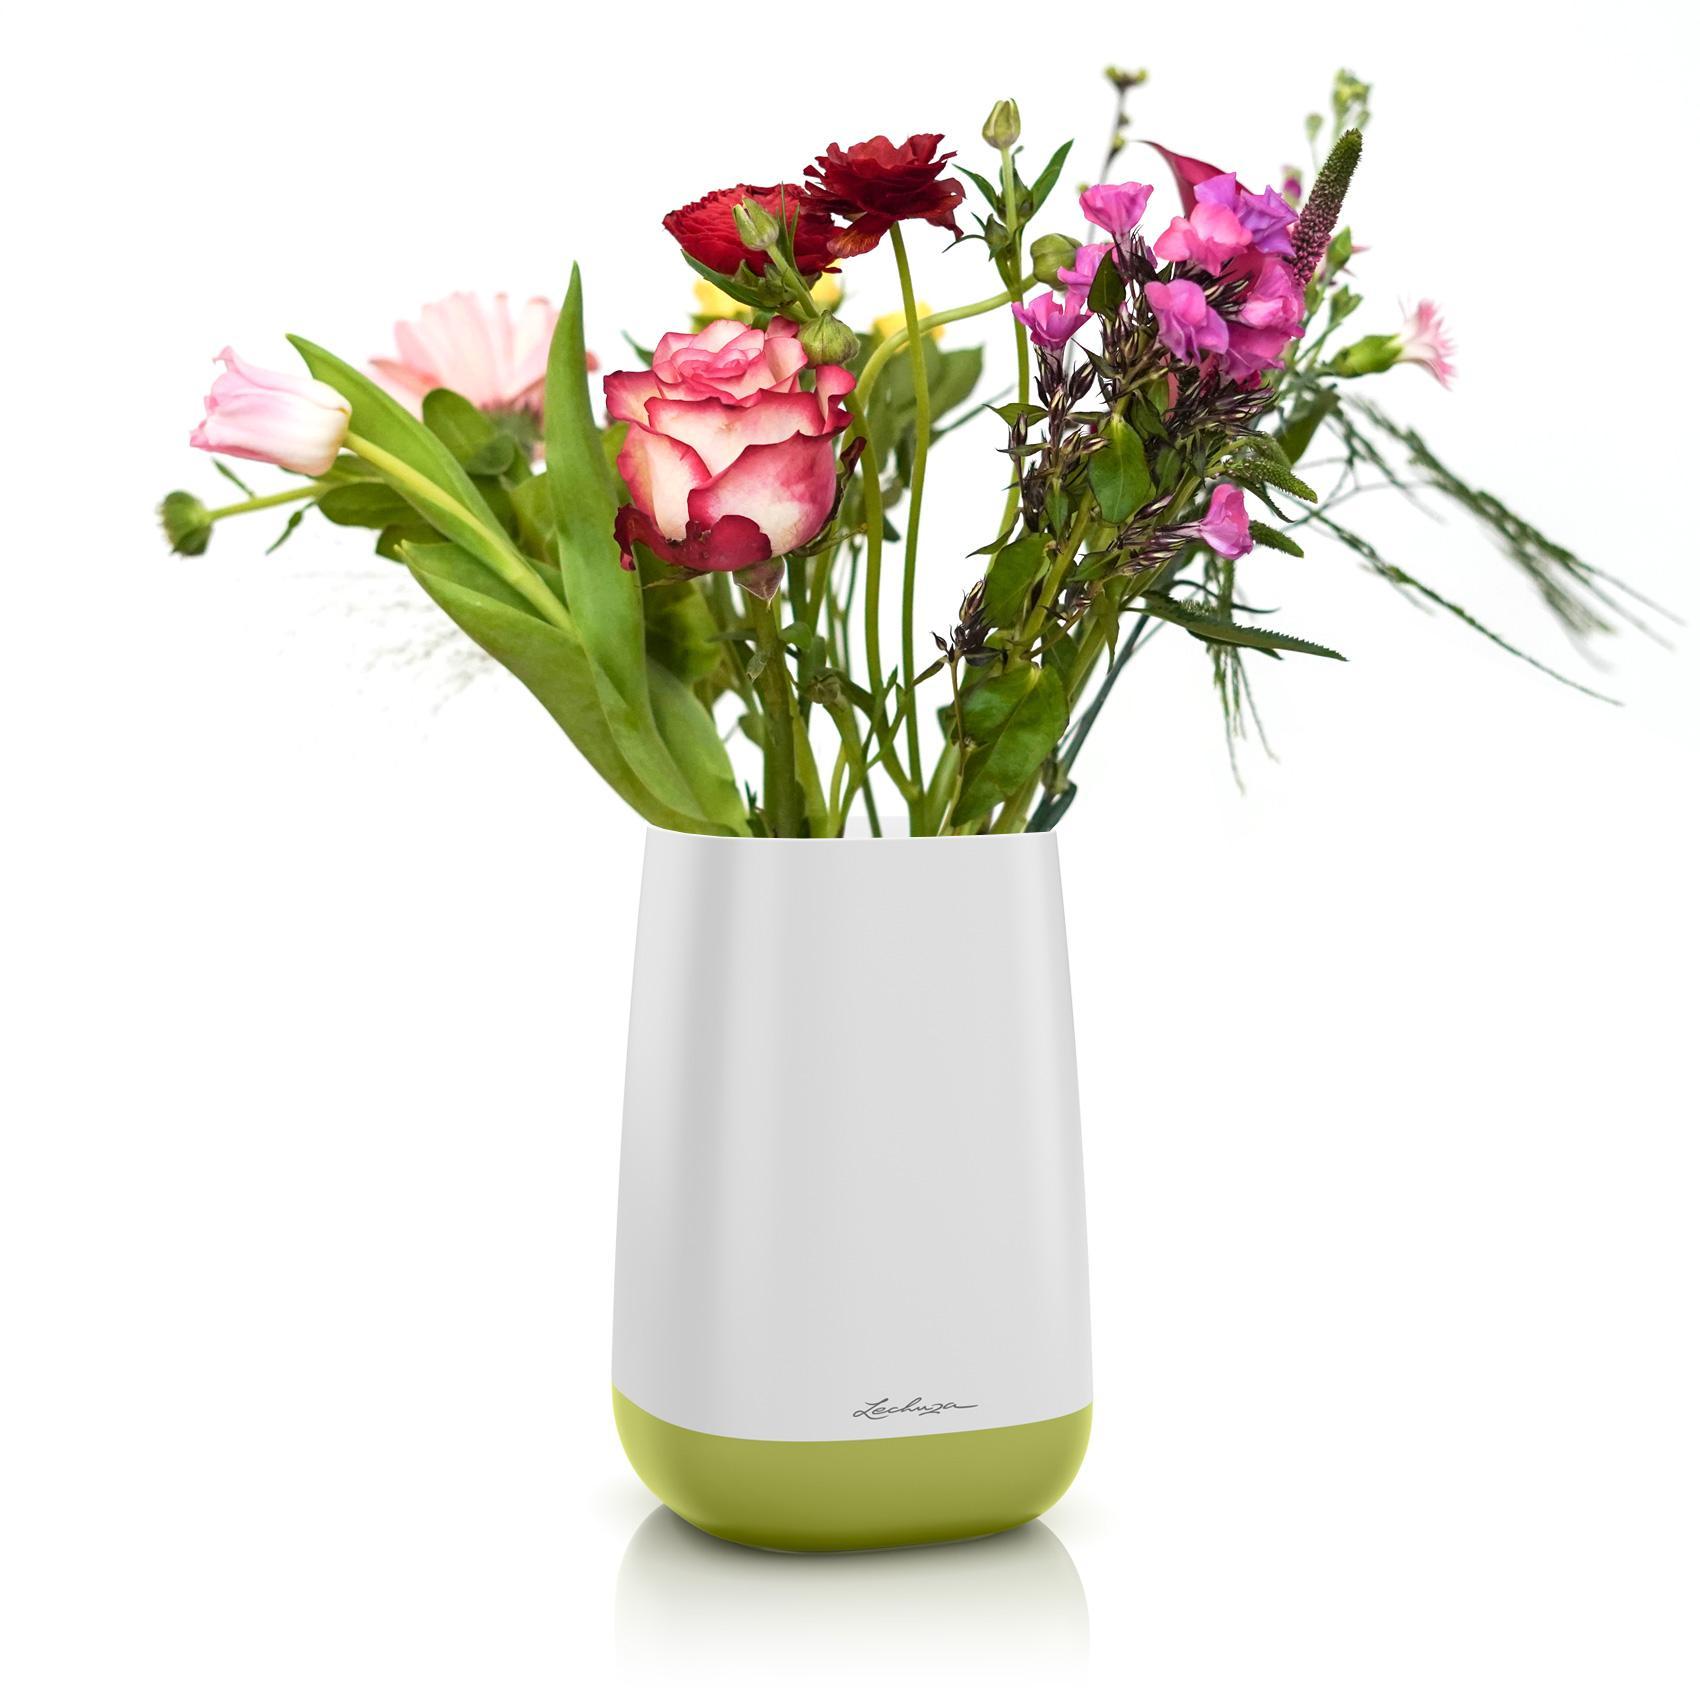 yula-flower_product_listingimage